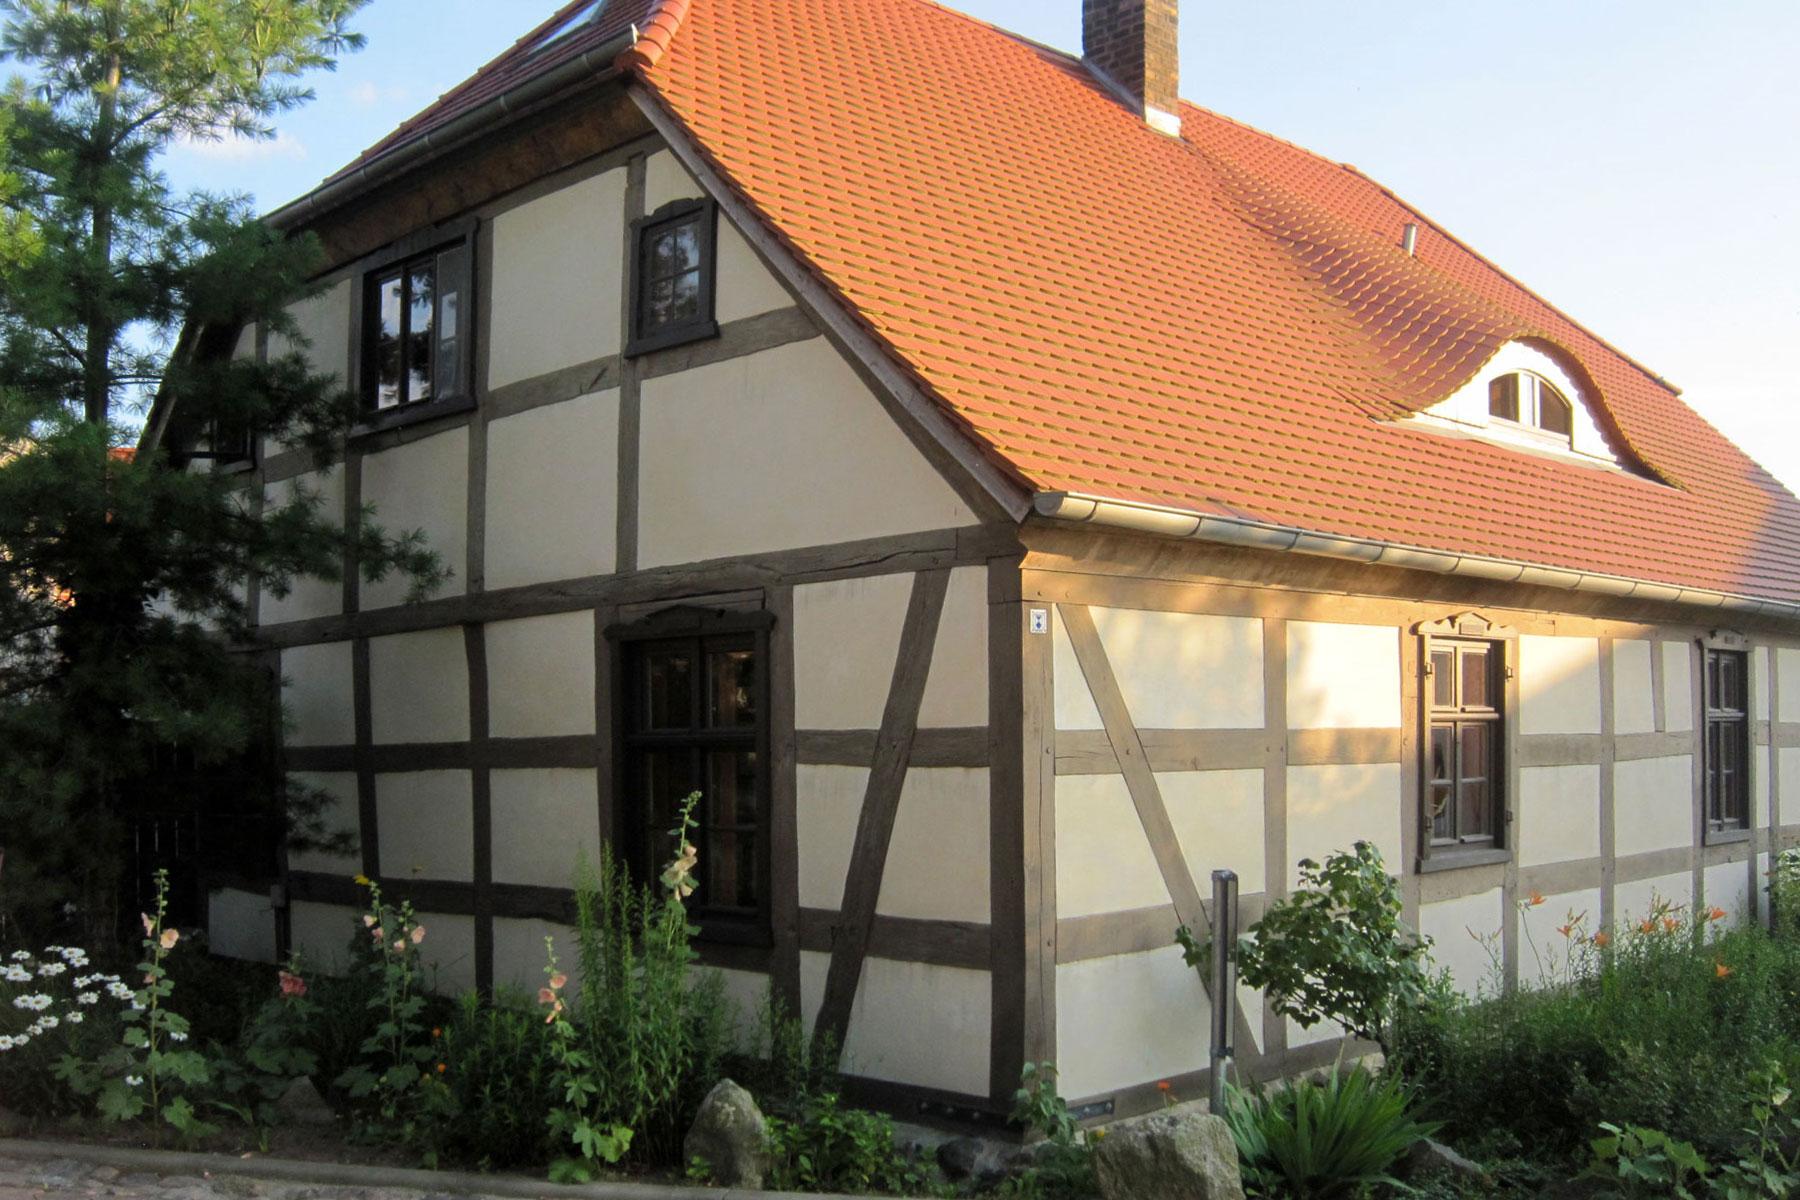 Fachwerkhaus Denkmalschutz